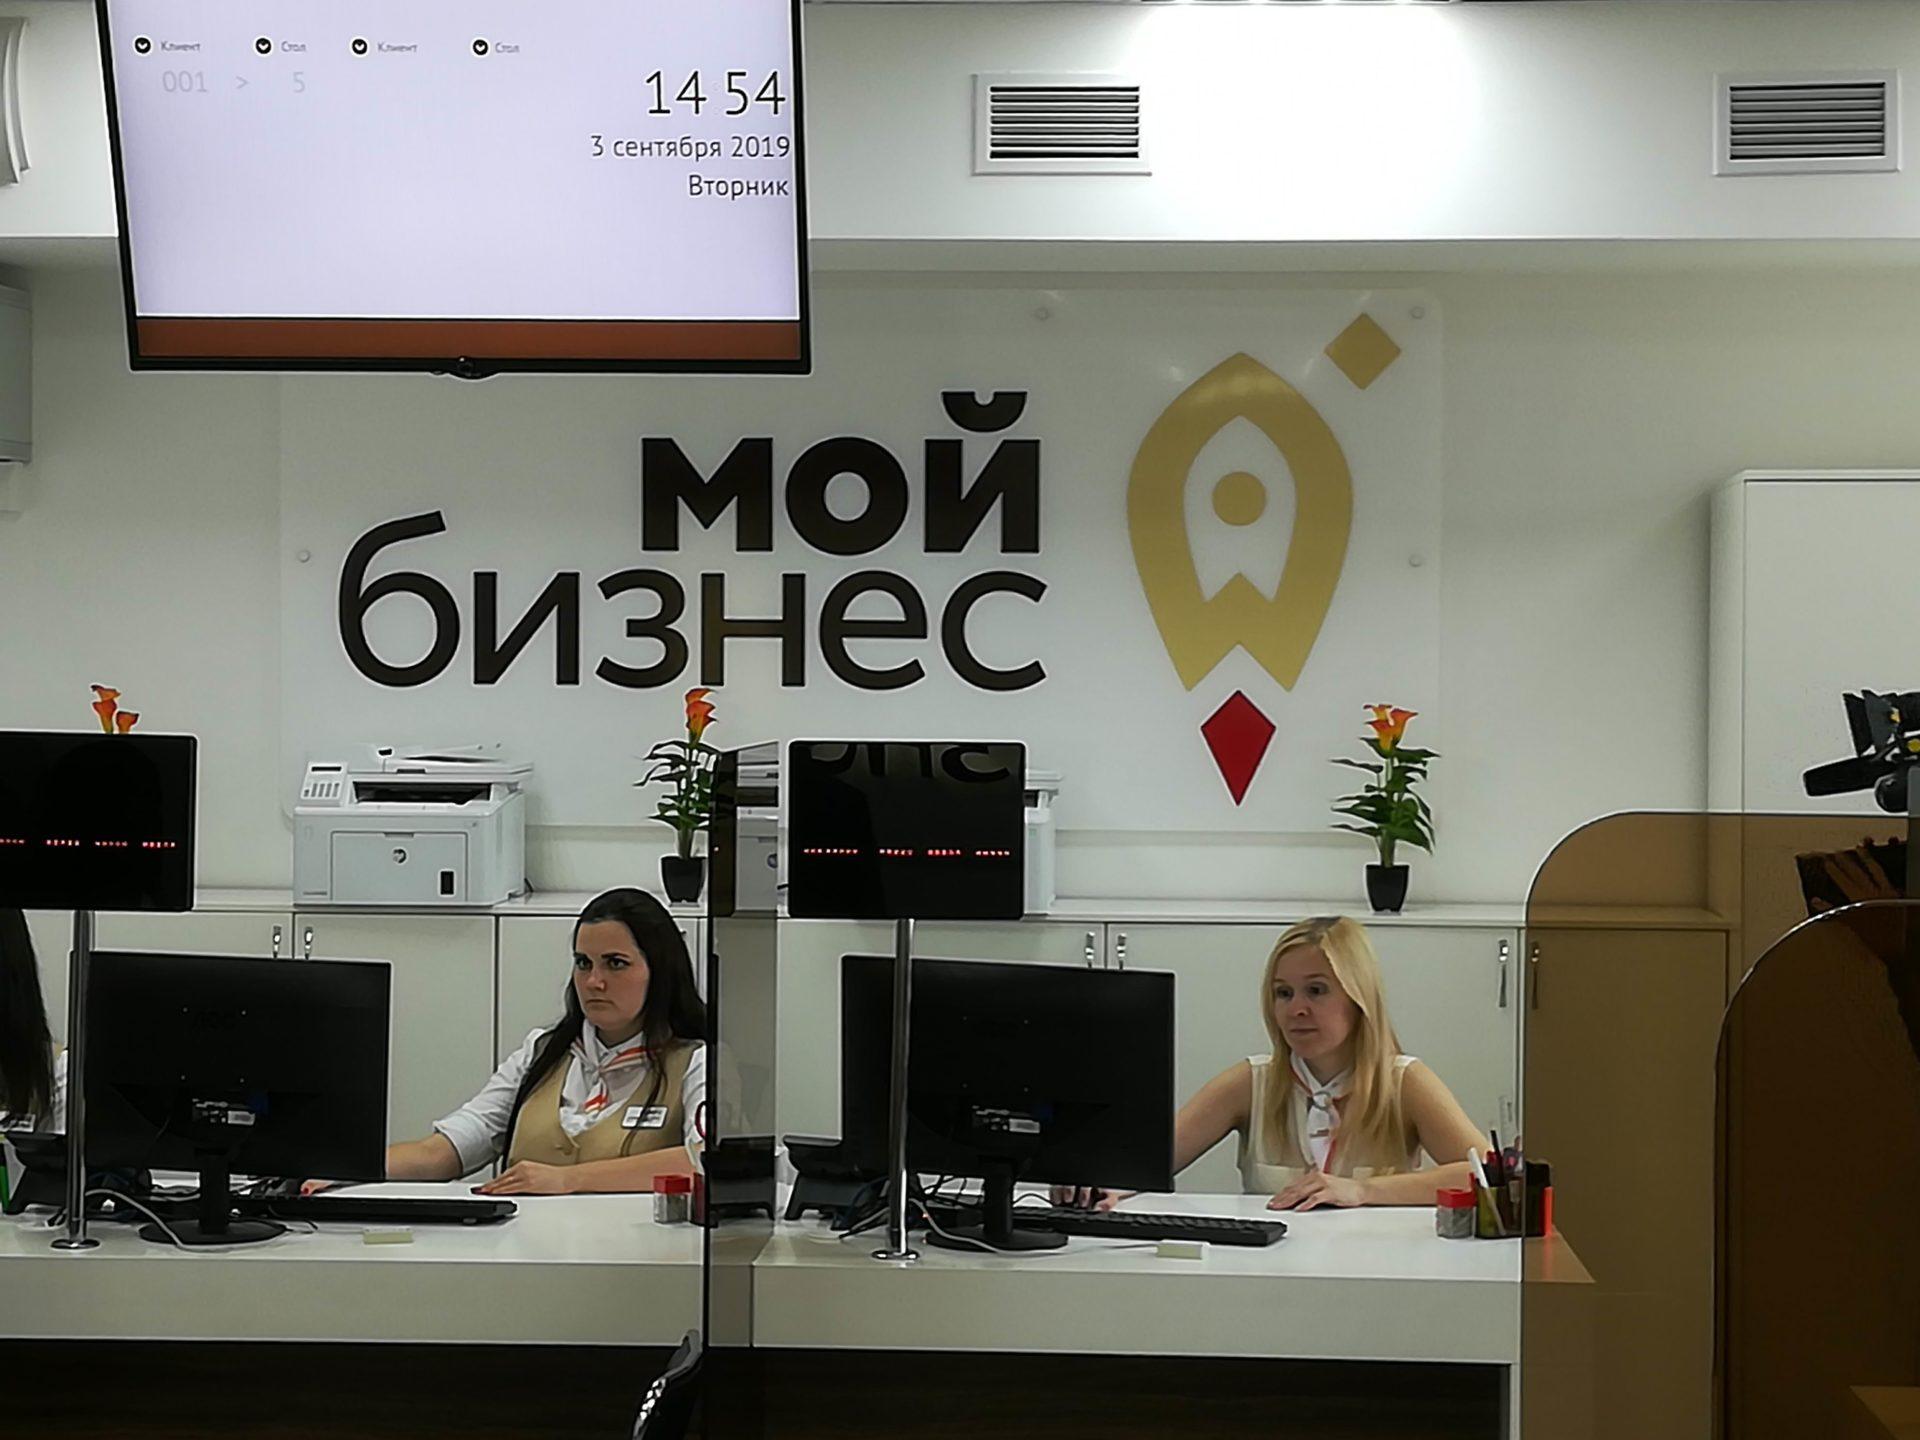 """Центр """"Мой бизнес"""" выделил 153,6 млн. рублей для малого и среднего бизнеса в Марий Эл"""